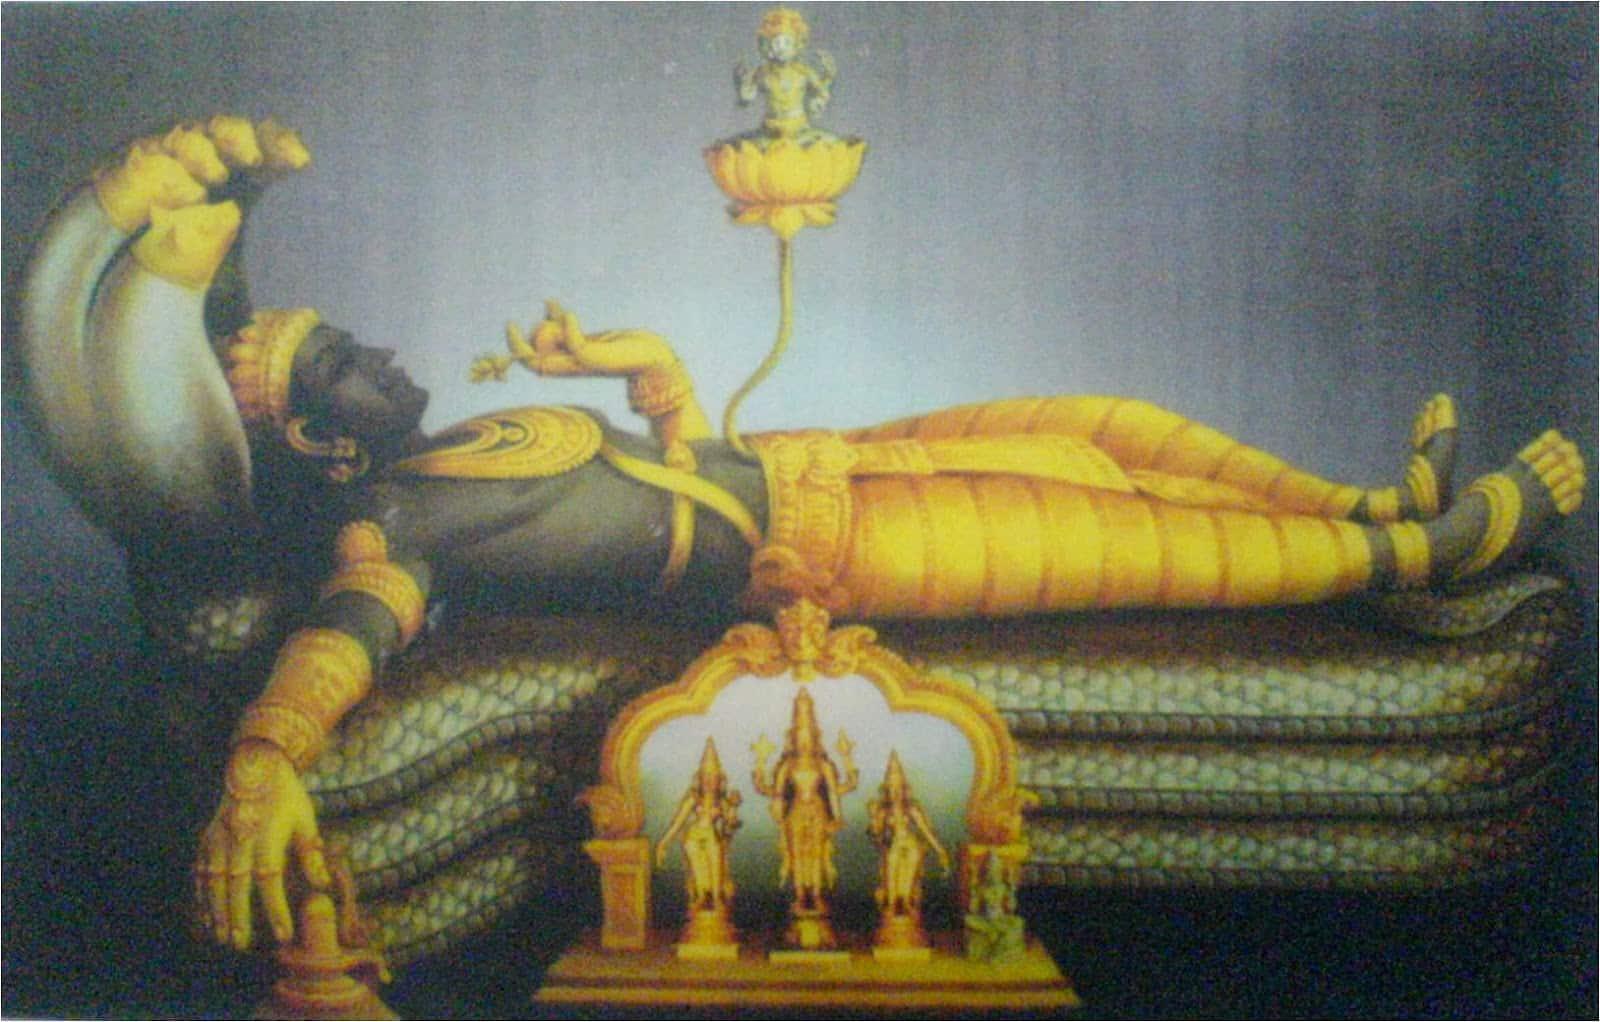 Biểu tượng của ngôi đền có vị thần Brahma ngồi trên một bông hoa sen, mọc ra từ rốn của thần Vishnu. (Ảnh qua trithucvn.net)